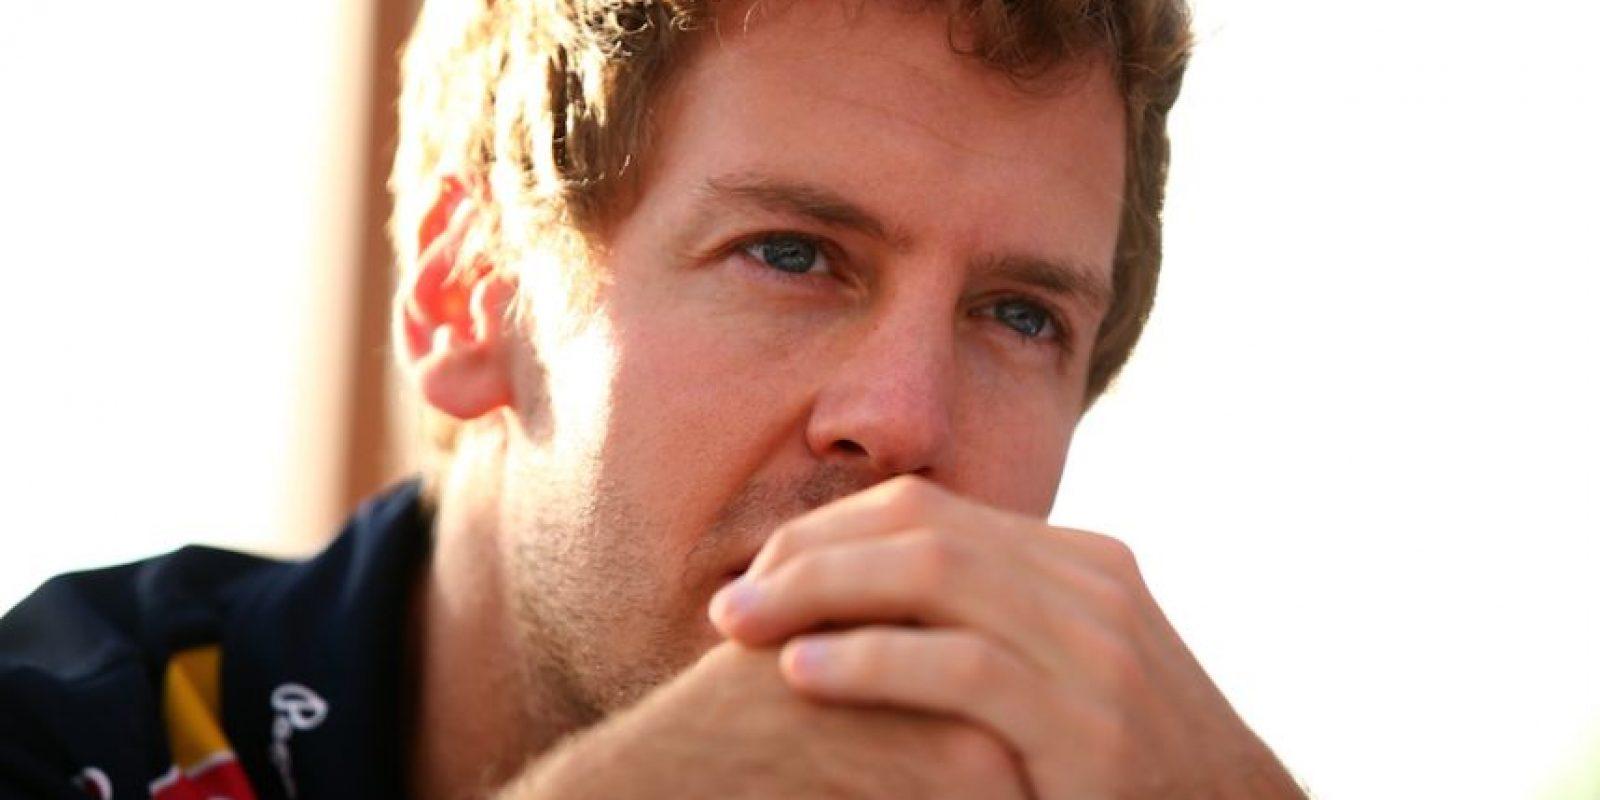 Vettel llega procedente de Red Bull, ha ganado en cuatro ocasiones el campeonato de pilotos y actualmente marcha en la cuarta posición. Foto:Getty Images